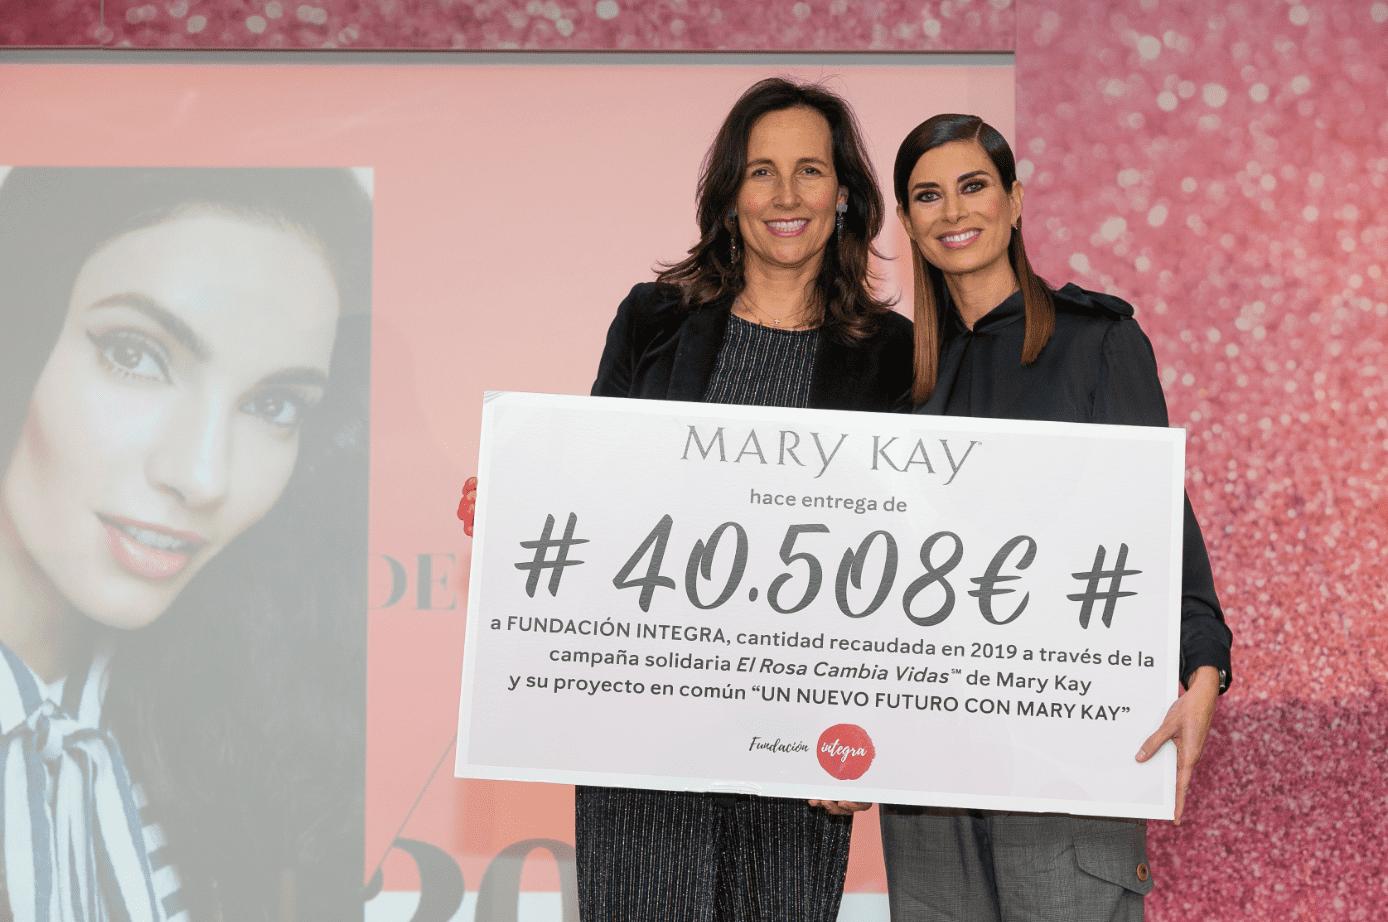 Mary Kay España dona 40.508€ a Fundación Integra, en ayuda a mujeres víctimas de violencia de género